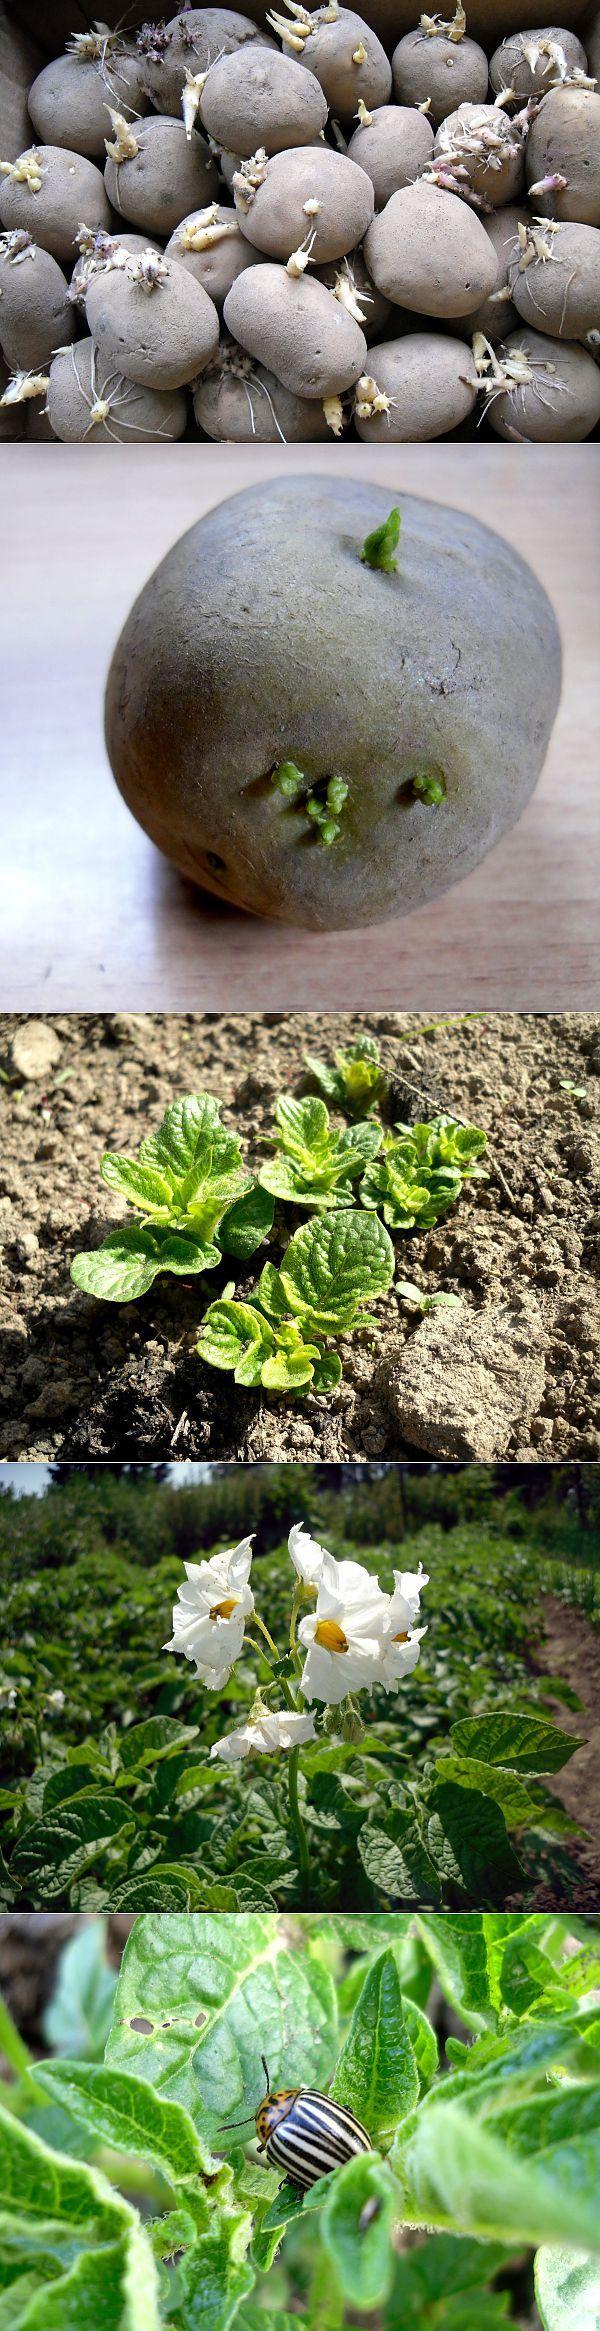 Εμείς καλλιεργούν πατάτες.  Προετοιμασία του υλικού φύτευσης, τη φύτευση, τη φροντίδα, την επιλογή των ποικιλιών.  Τον Μάρτιο, οι κηπουροί της αγοράς Συχνές ερωτήσεις ταινία αφαιρείται από την αποθήκευση των σπόρων γεωμήλων για τη βλάστηση.  Για να προετοιμάσει ένα καλό υλικό φύτευσης, απαιτεί 35 έως 40 ημέρες.